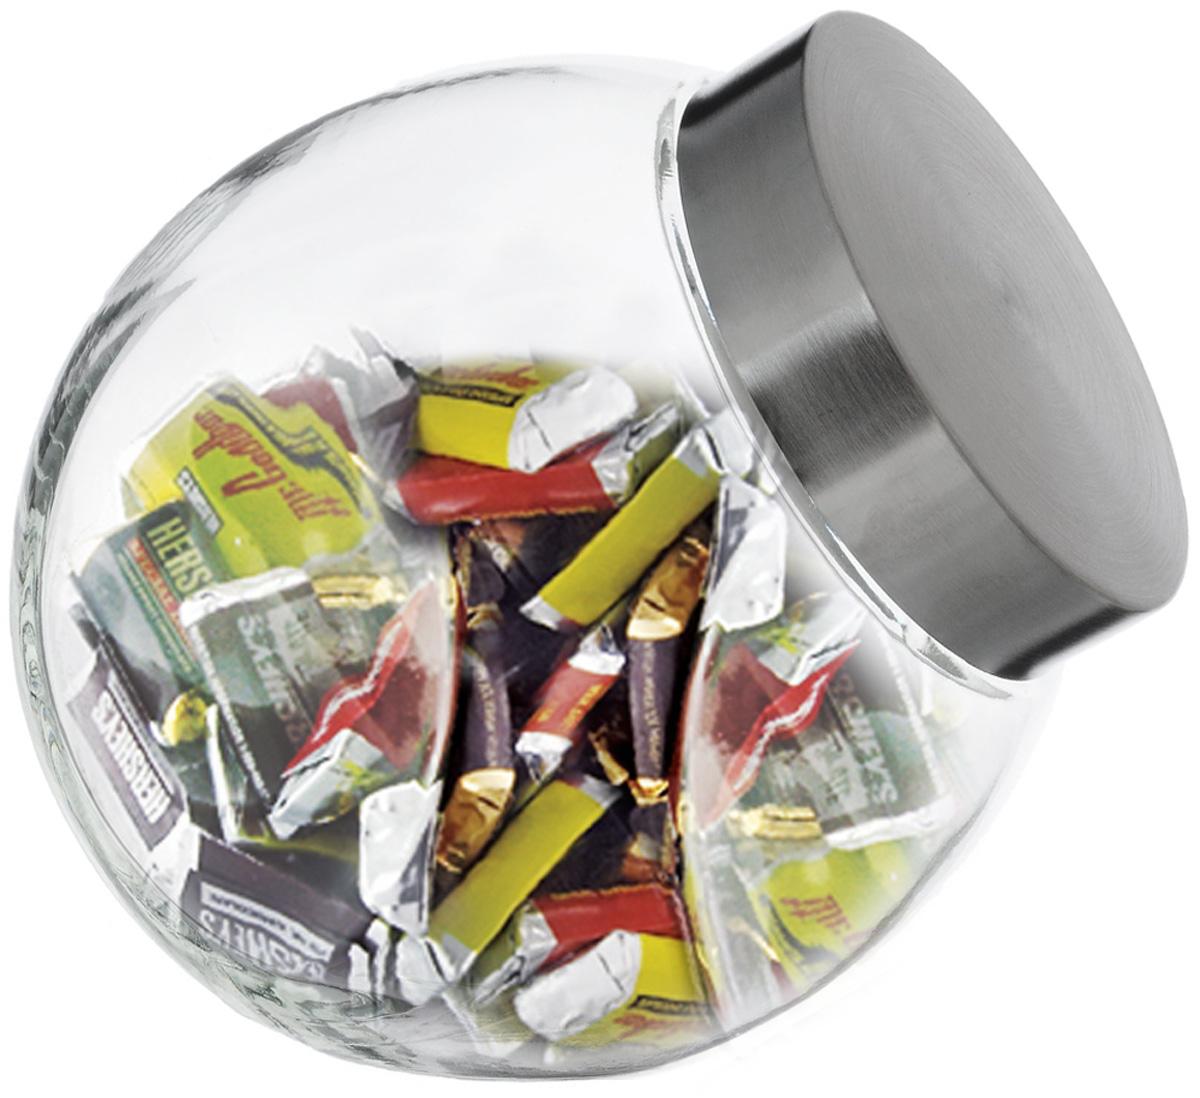 Банка для сыпучих продуктов SinoGlass, 1,73 л9219000Банка для сыпучих продуктов SinoGlass изготовлена из прочного стекла и оснащена плотно закрывающейся крышкой из нержавеющей стали с внутренней пластиковой вставкой. Благодаря этому внутри сохраняется герметичность, и продукты дольше остаются свежими. Изделие предназначено для хранения различных сыпучих продуктов: круп, чая, сахара, орехов и много другого. Функциональная и вместительная банка станет незаменимым аксессуаром на любой кухне. Объем: 1,73 л.Диаметр (по верхнему краю): 10 см.Высота банки (без учета крышки): 17,5 см.